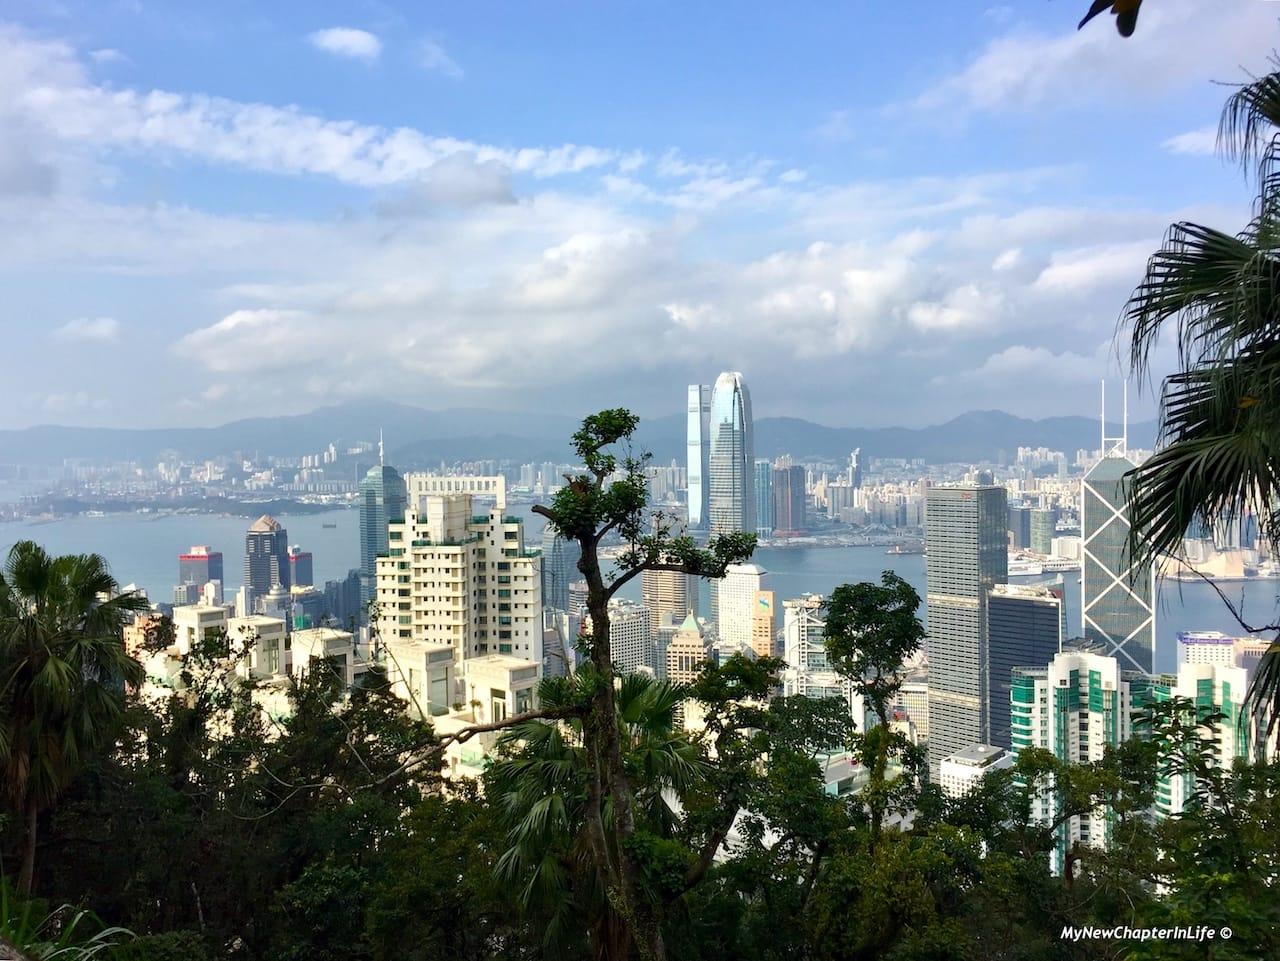 中、西環及西九龍景色 View of Central, Western District and West Kowloon